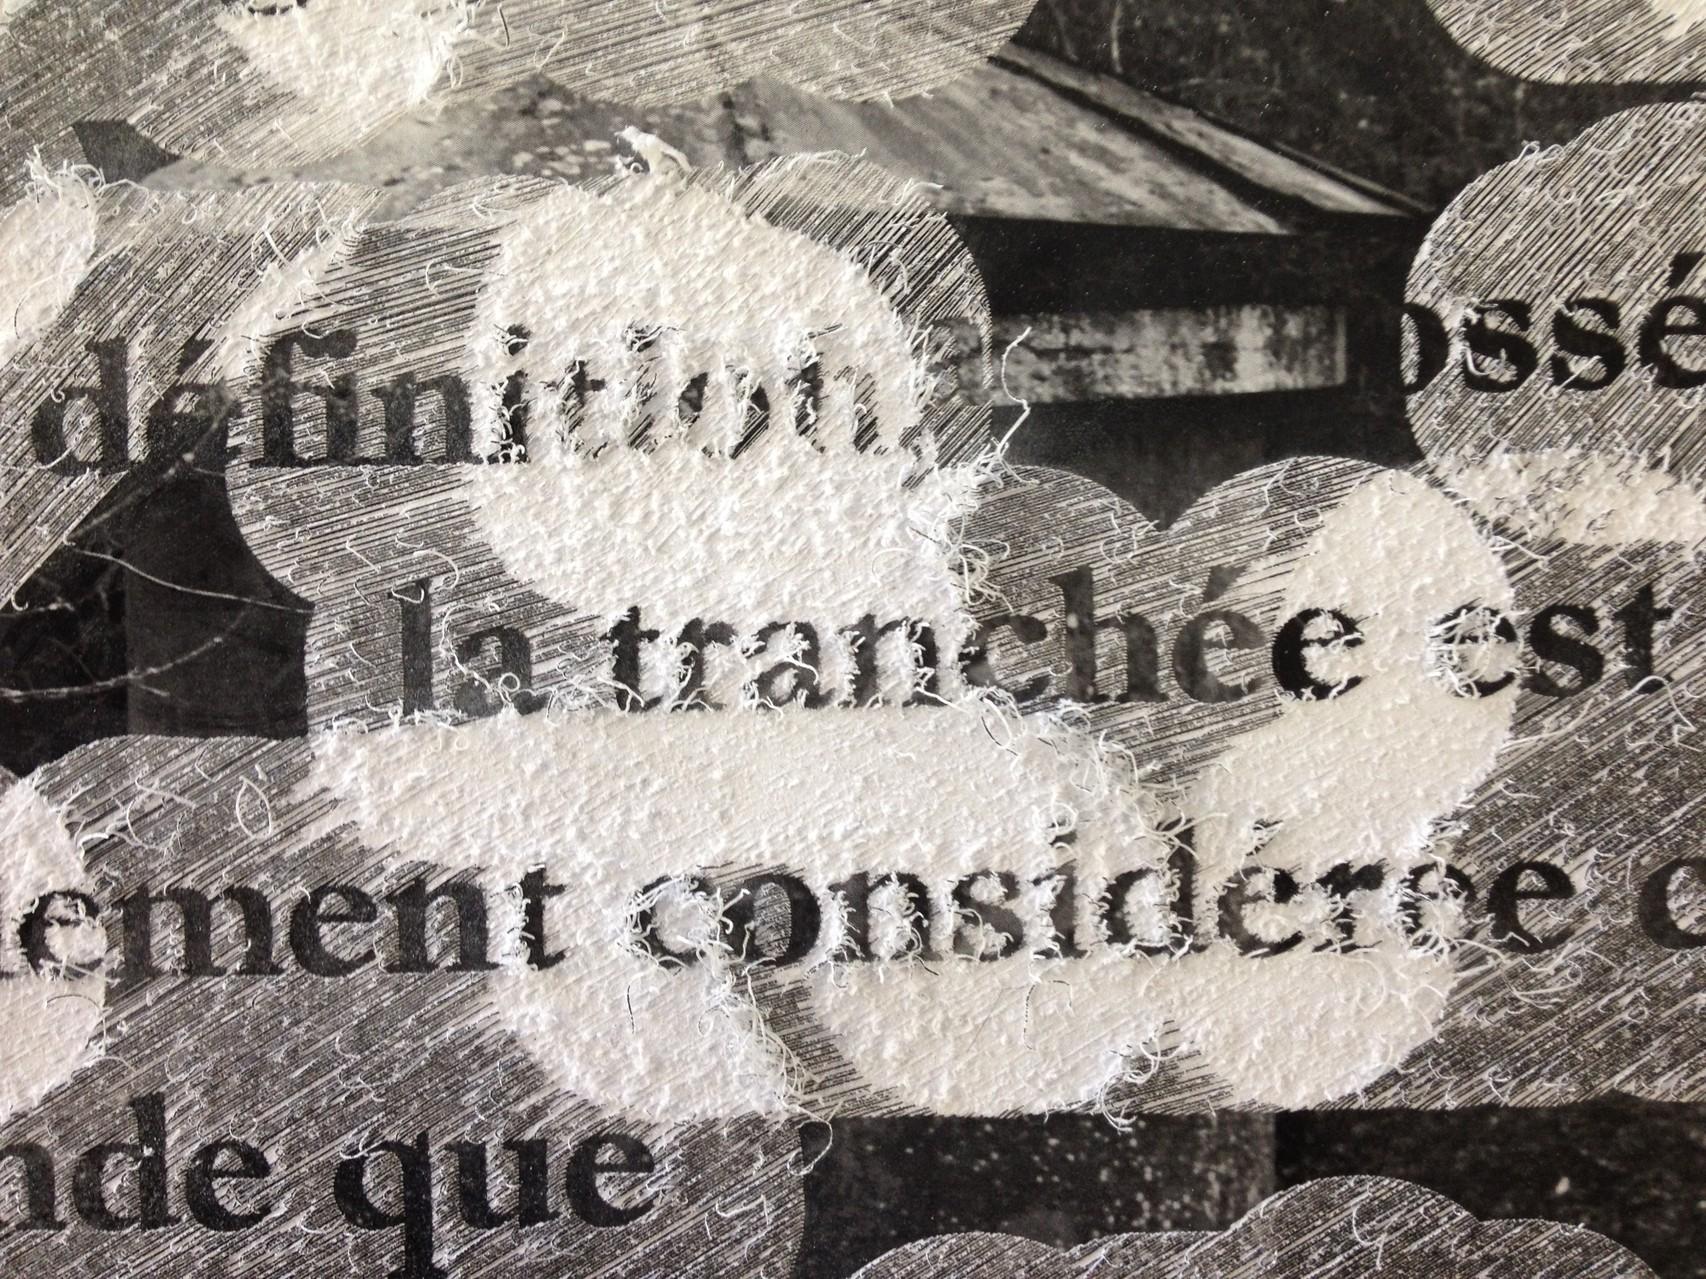 Damien Marchal, Le monologue pragmatique de la conscience : Verdun. Gravure sur impression laser, papier brillant 350g, 2014